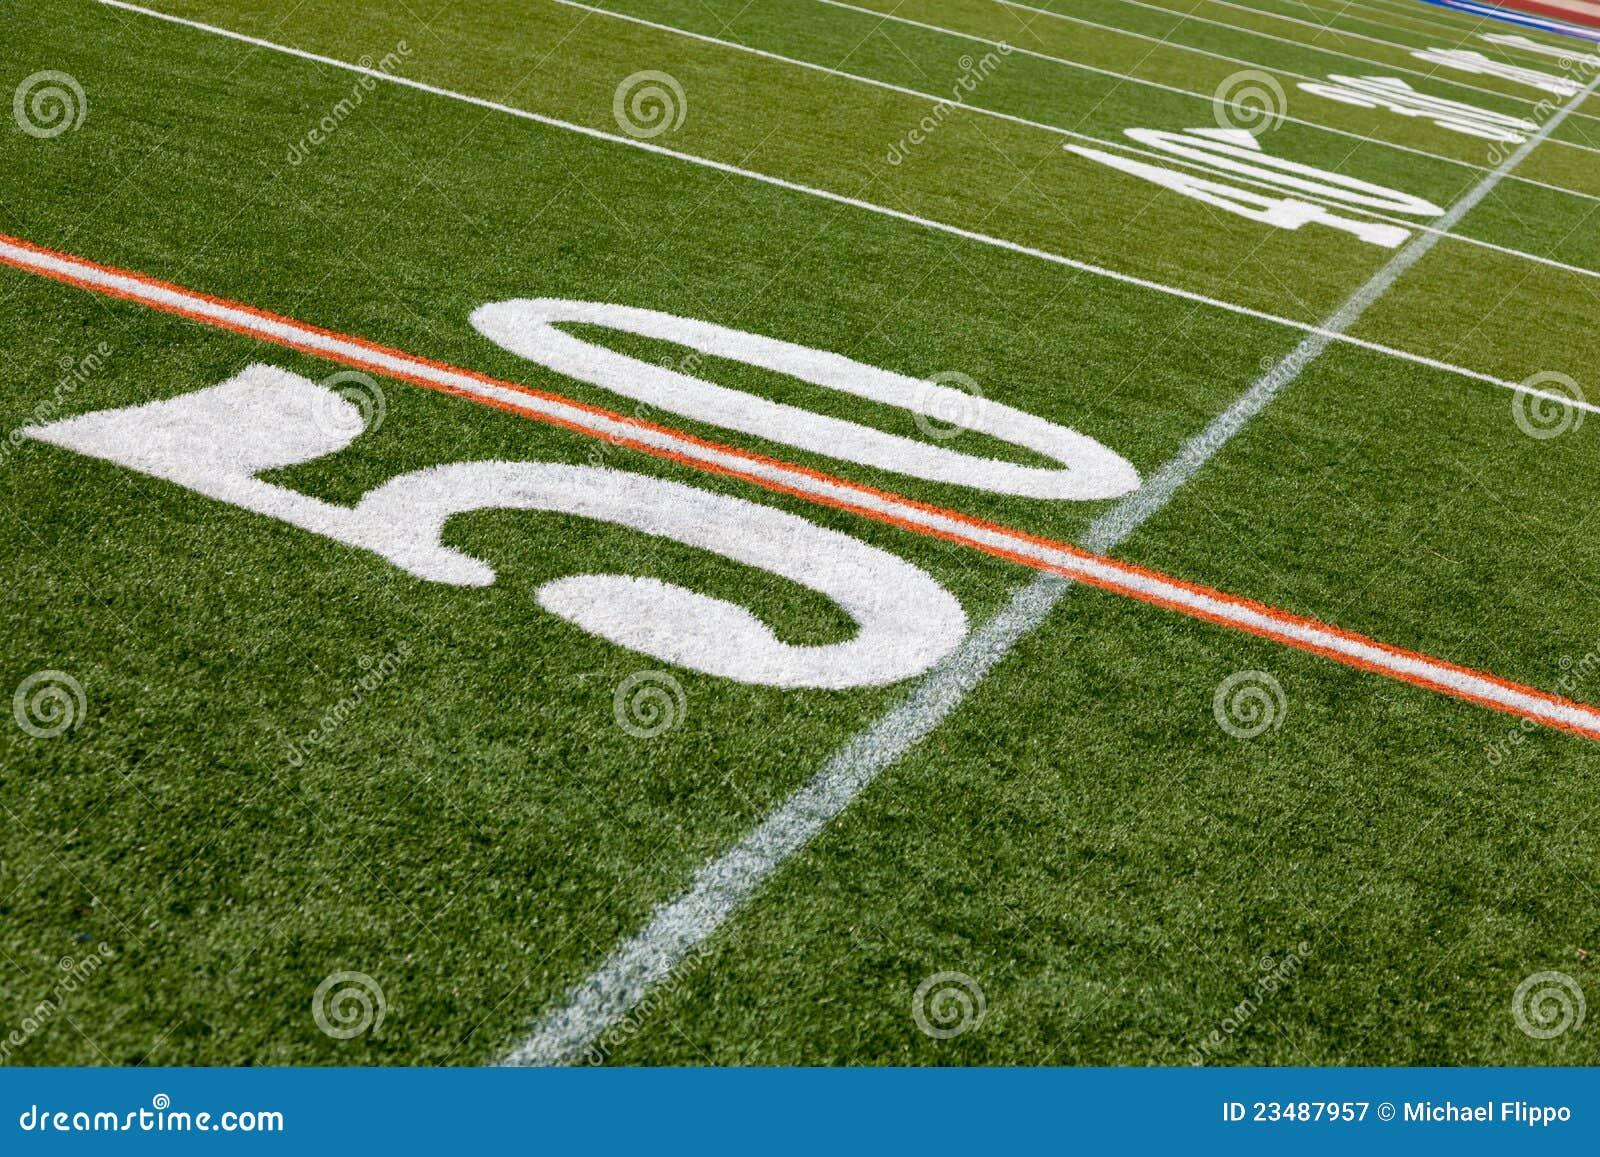 Campo de futebol americano - linha de jardas 50